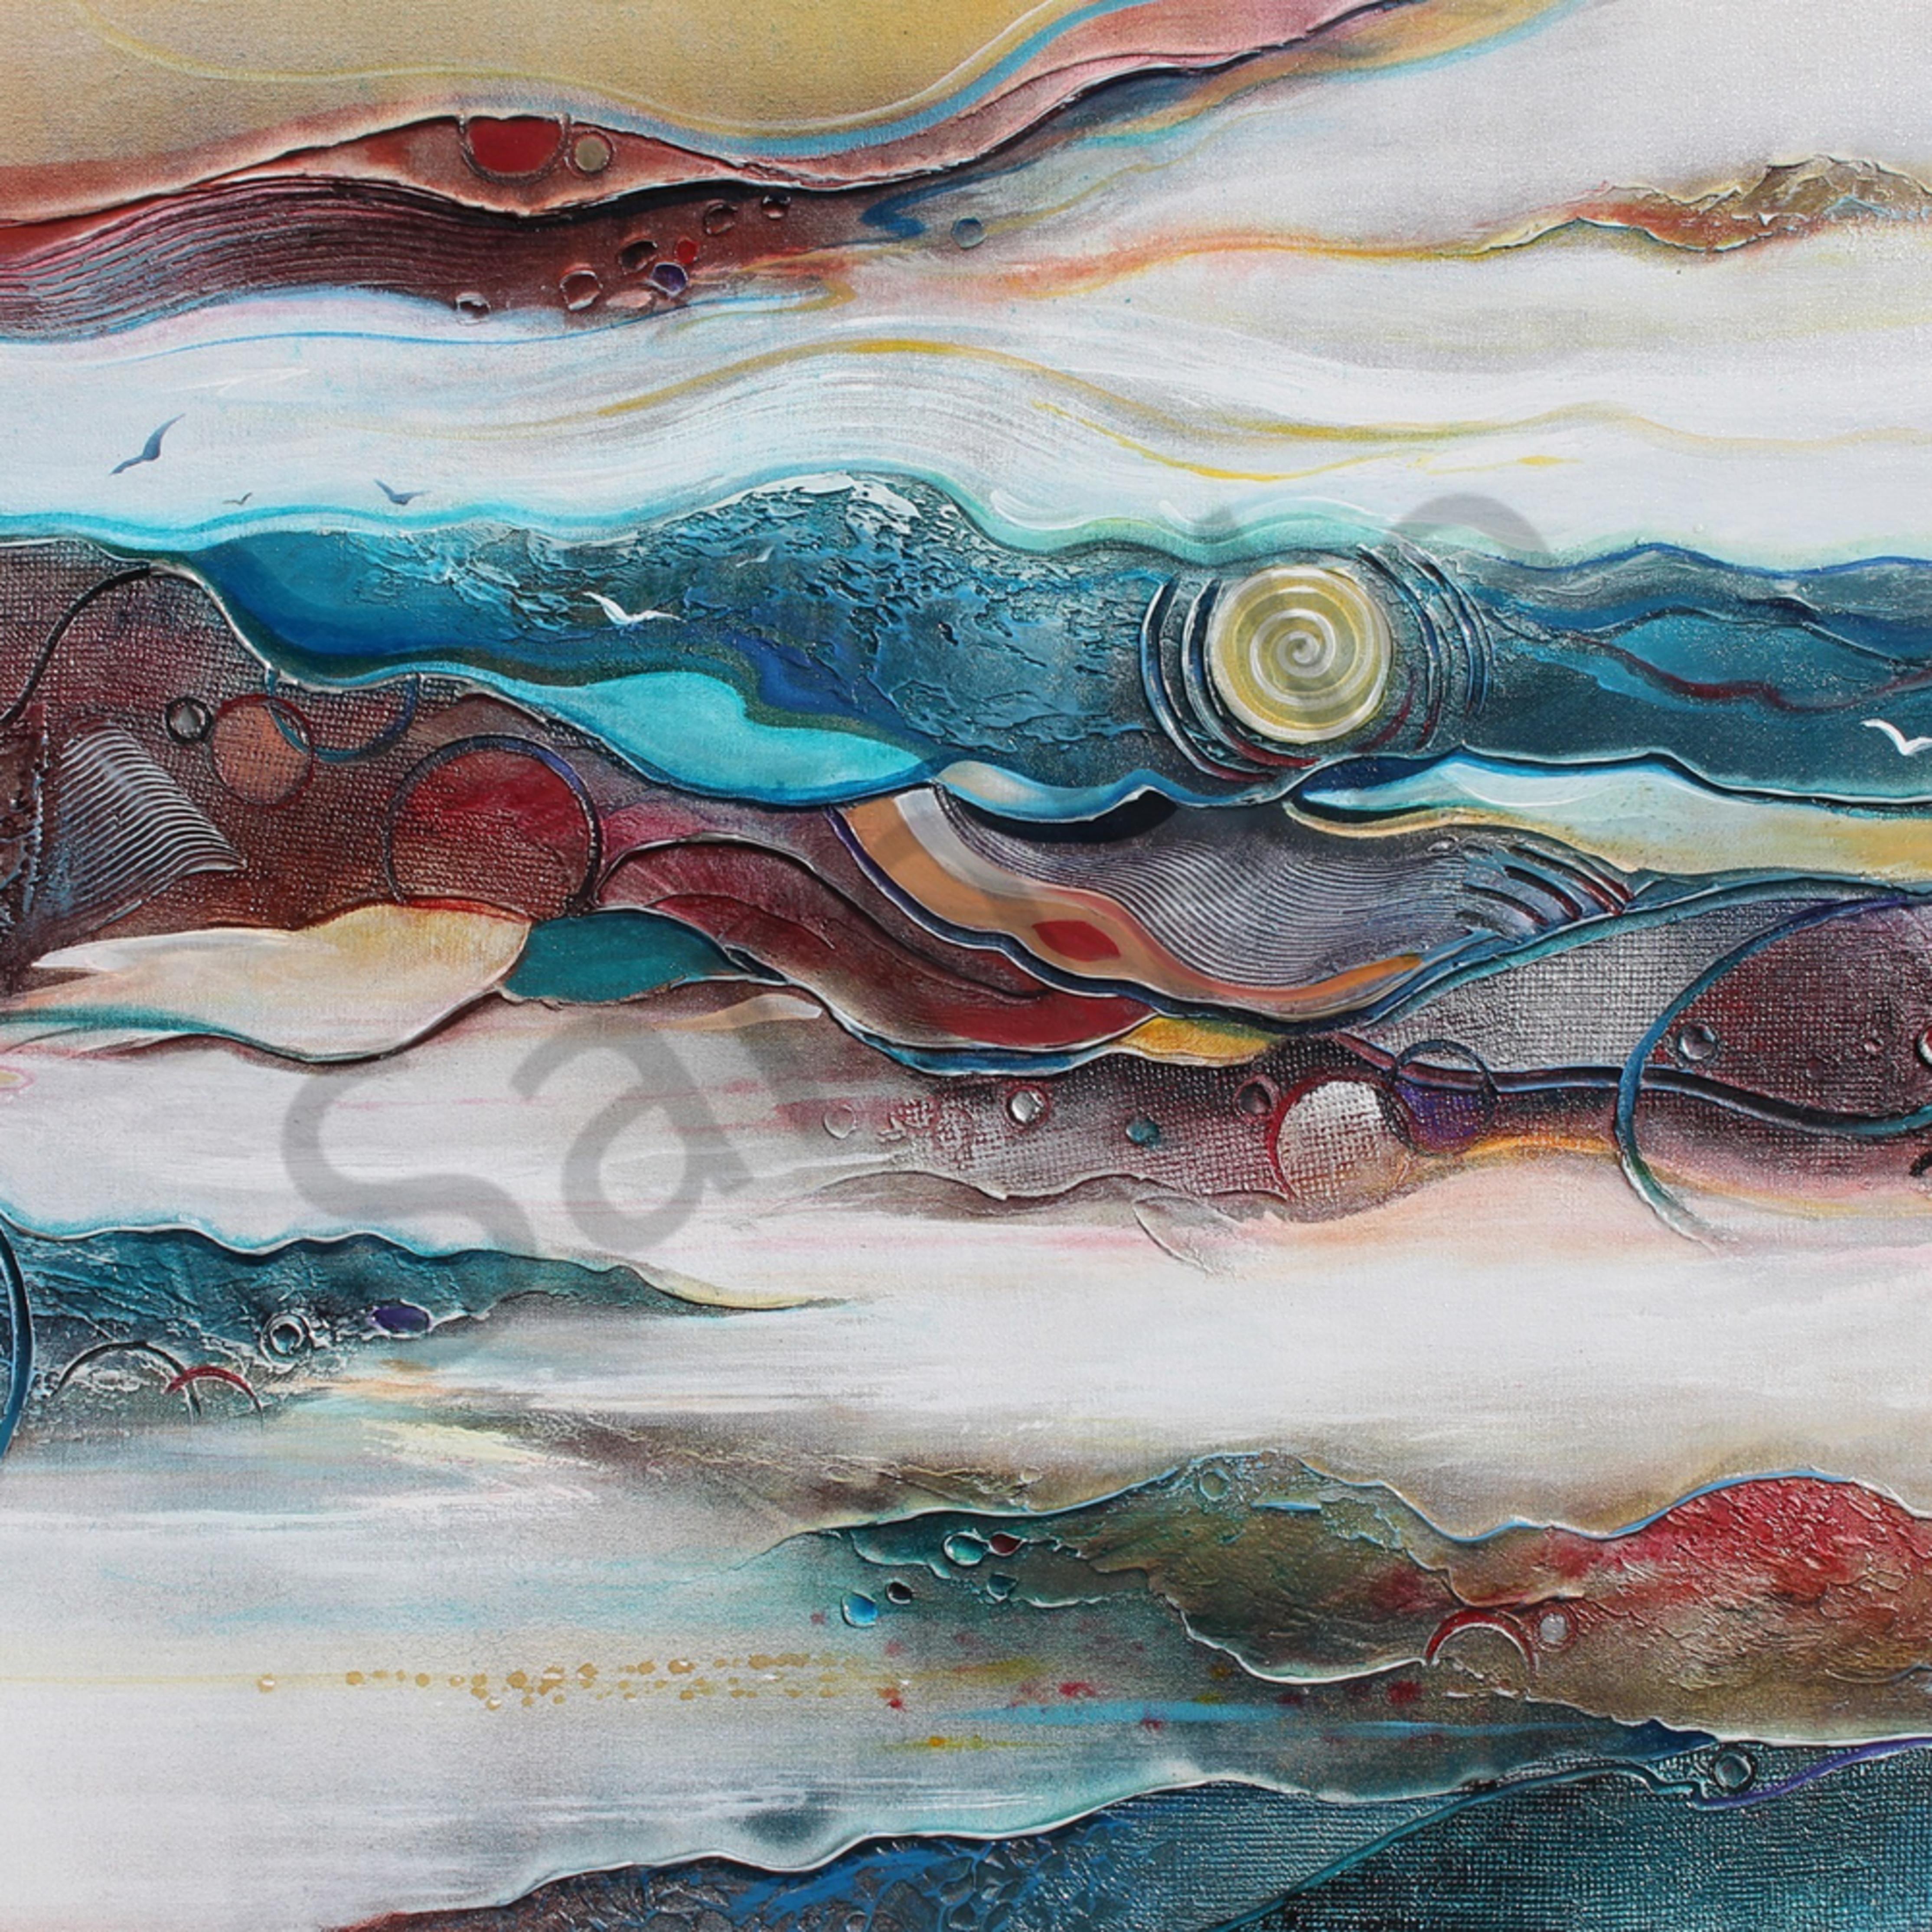 Seascape abstract 1 of 1 o498gu